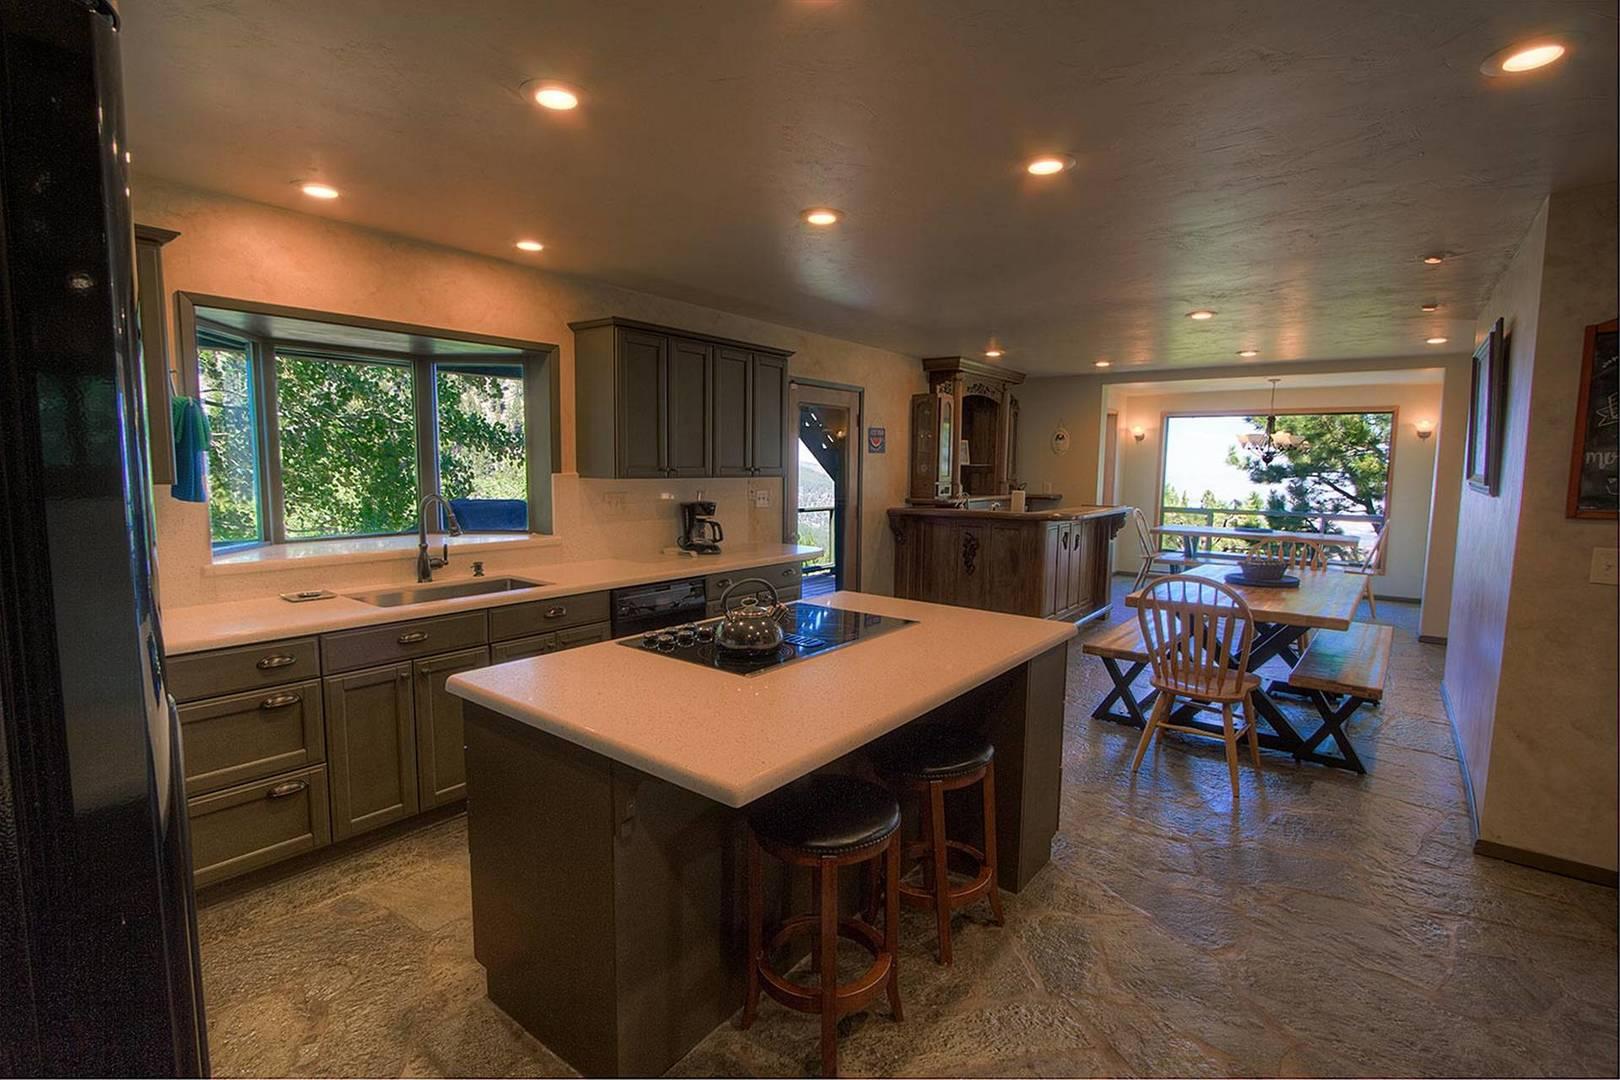 ivh1810 kitchen